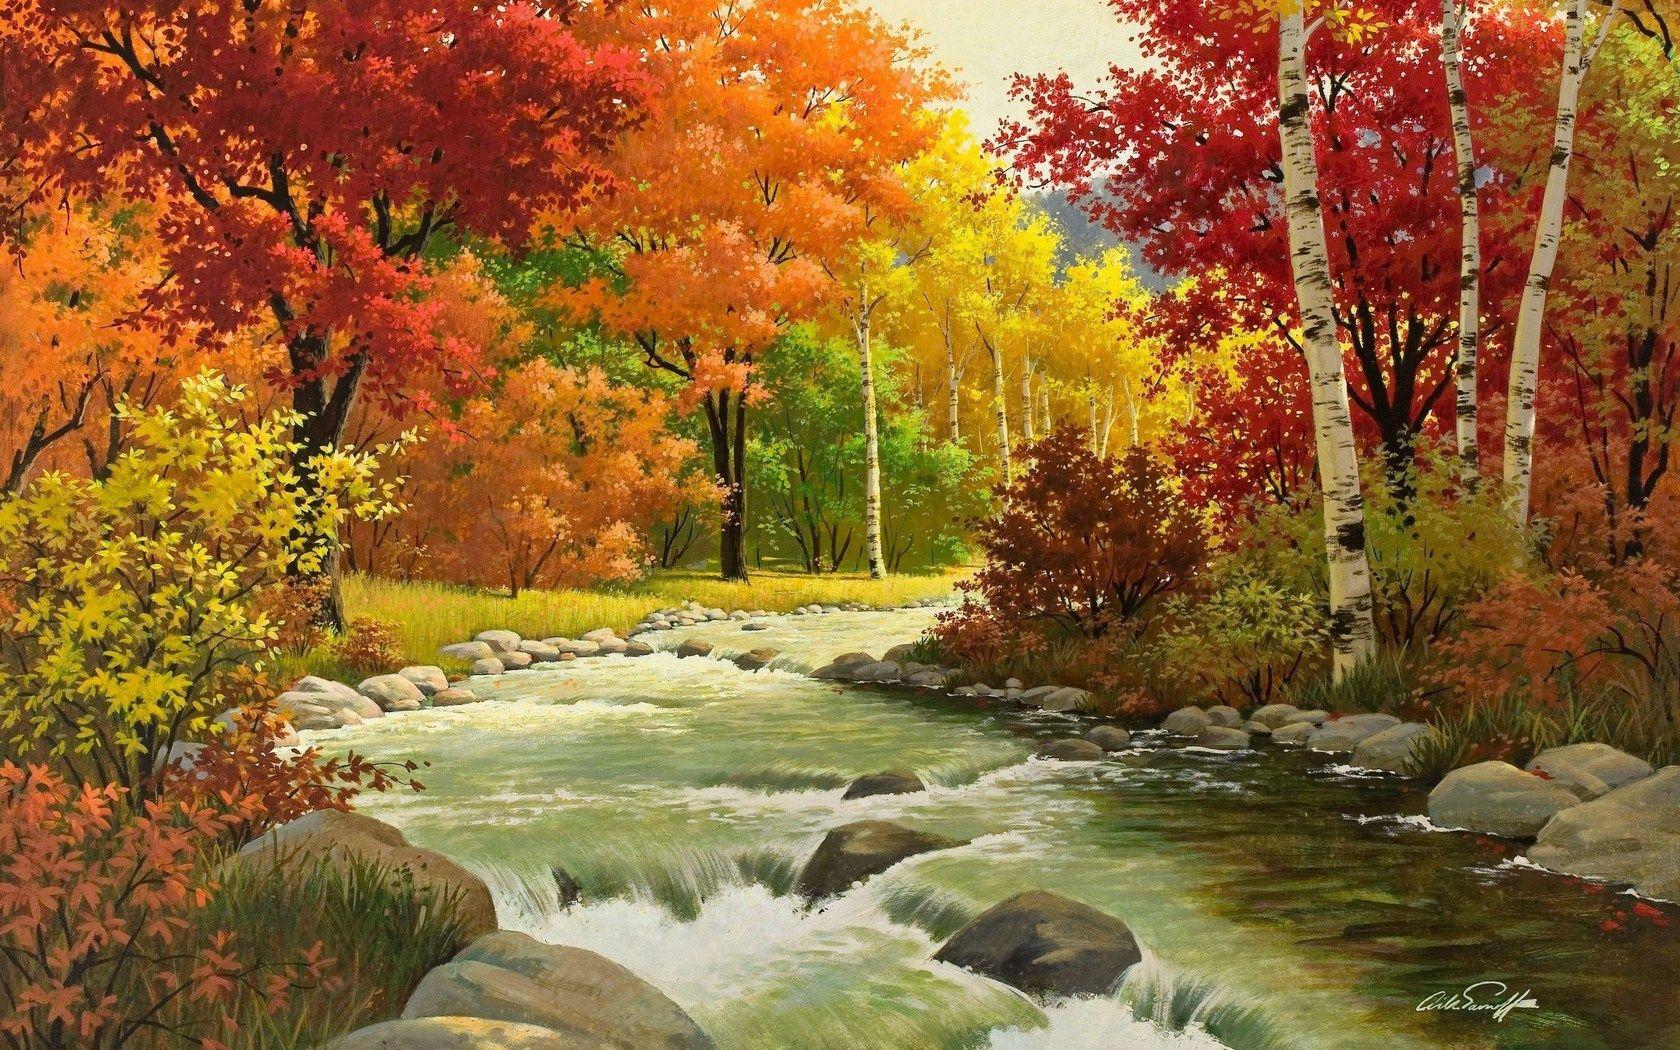 108095 завантажити шпалери Осінь, Пейзаж, Річка, Природа, Ліс, Живопис - заставки і картинки безкоштовно